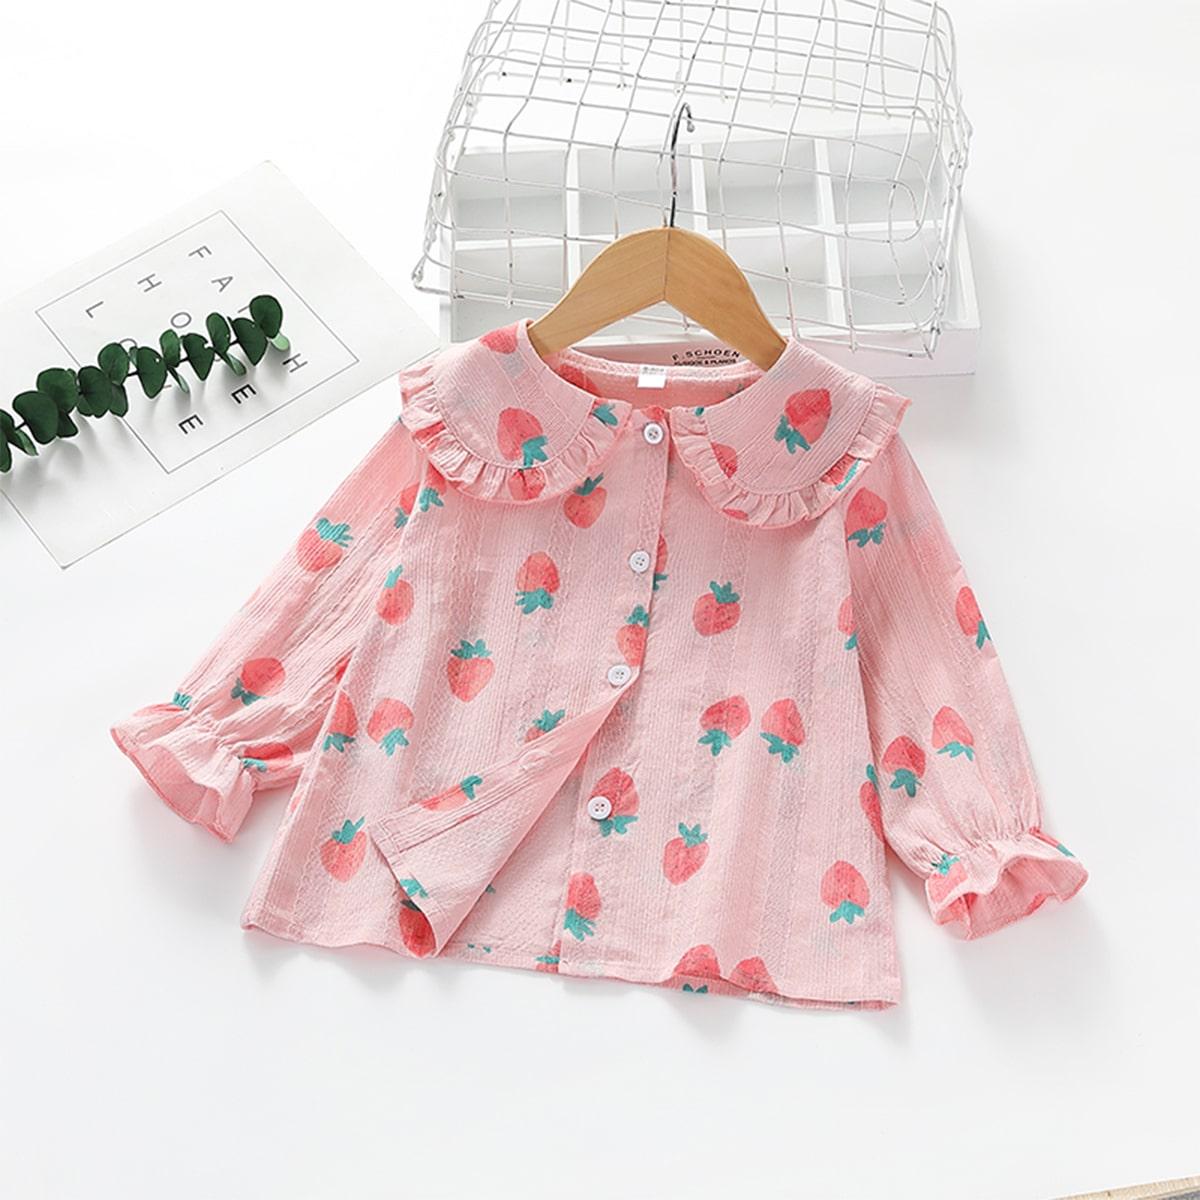 Оборка фрукты и овощи милый блузы для девочек